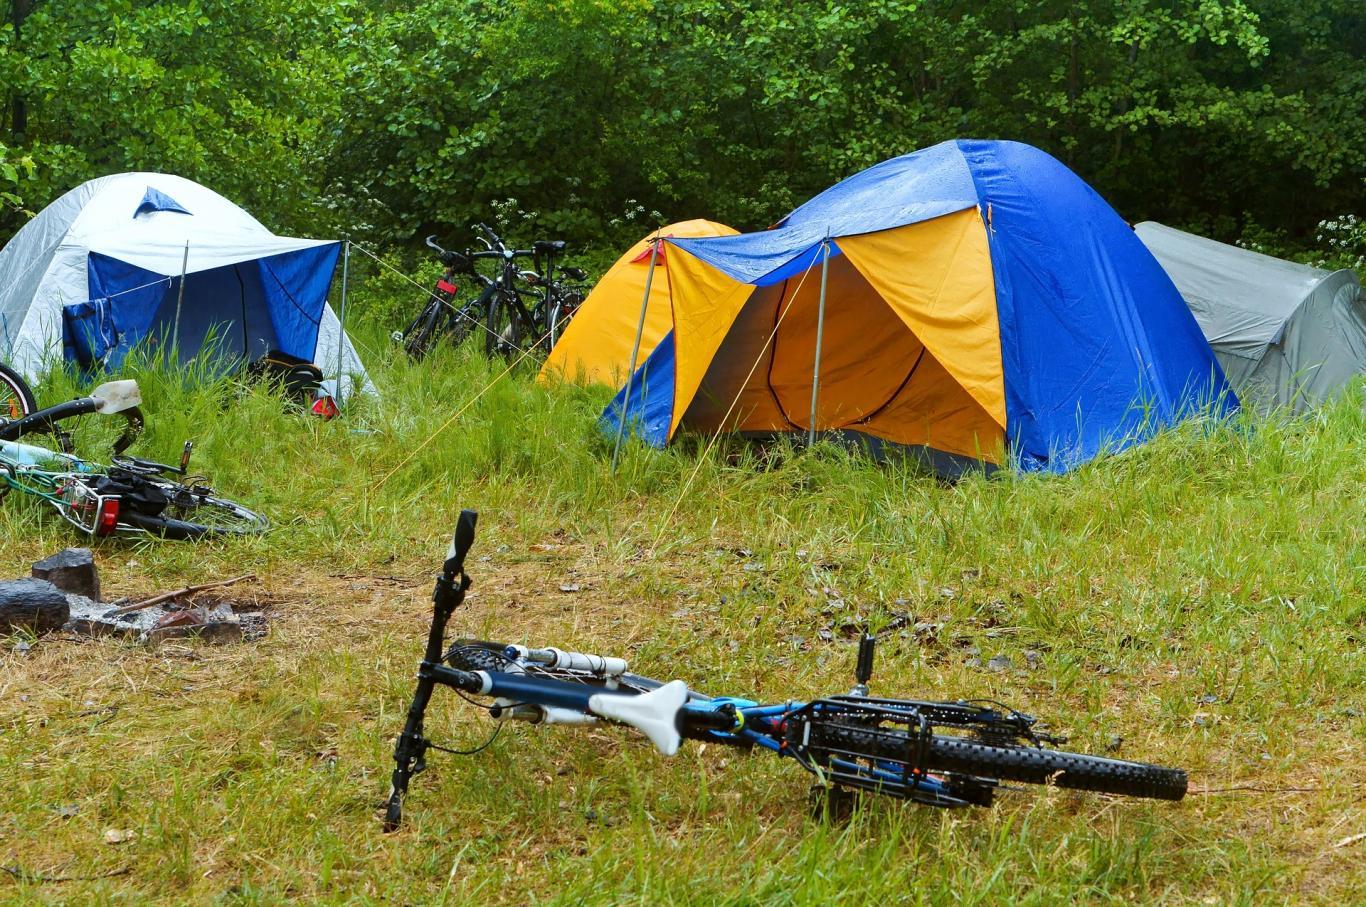 Tiendas de campaña y bici en un prado